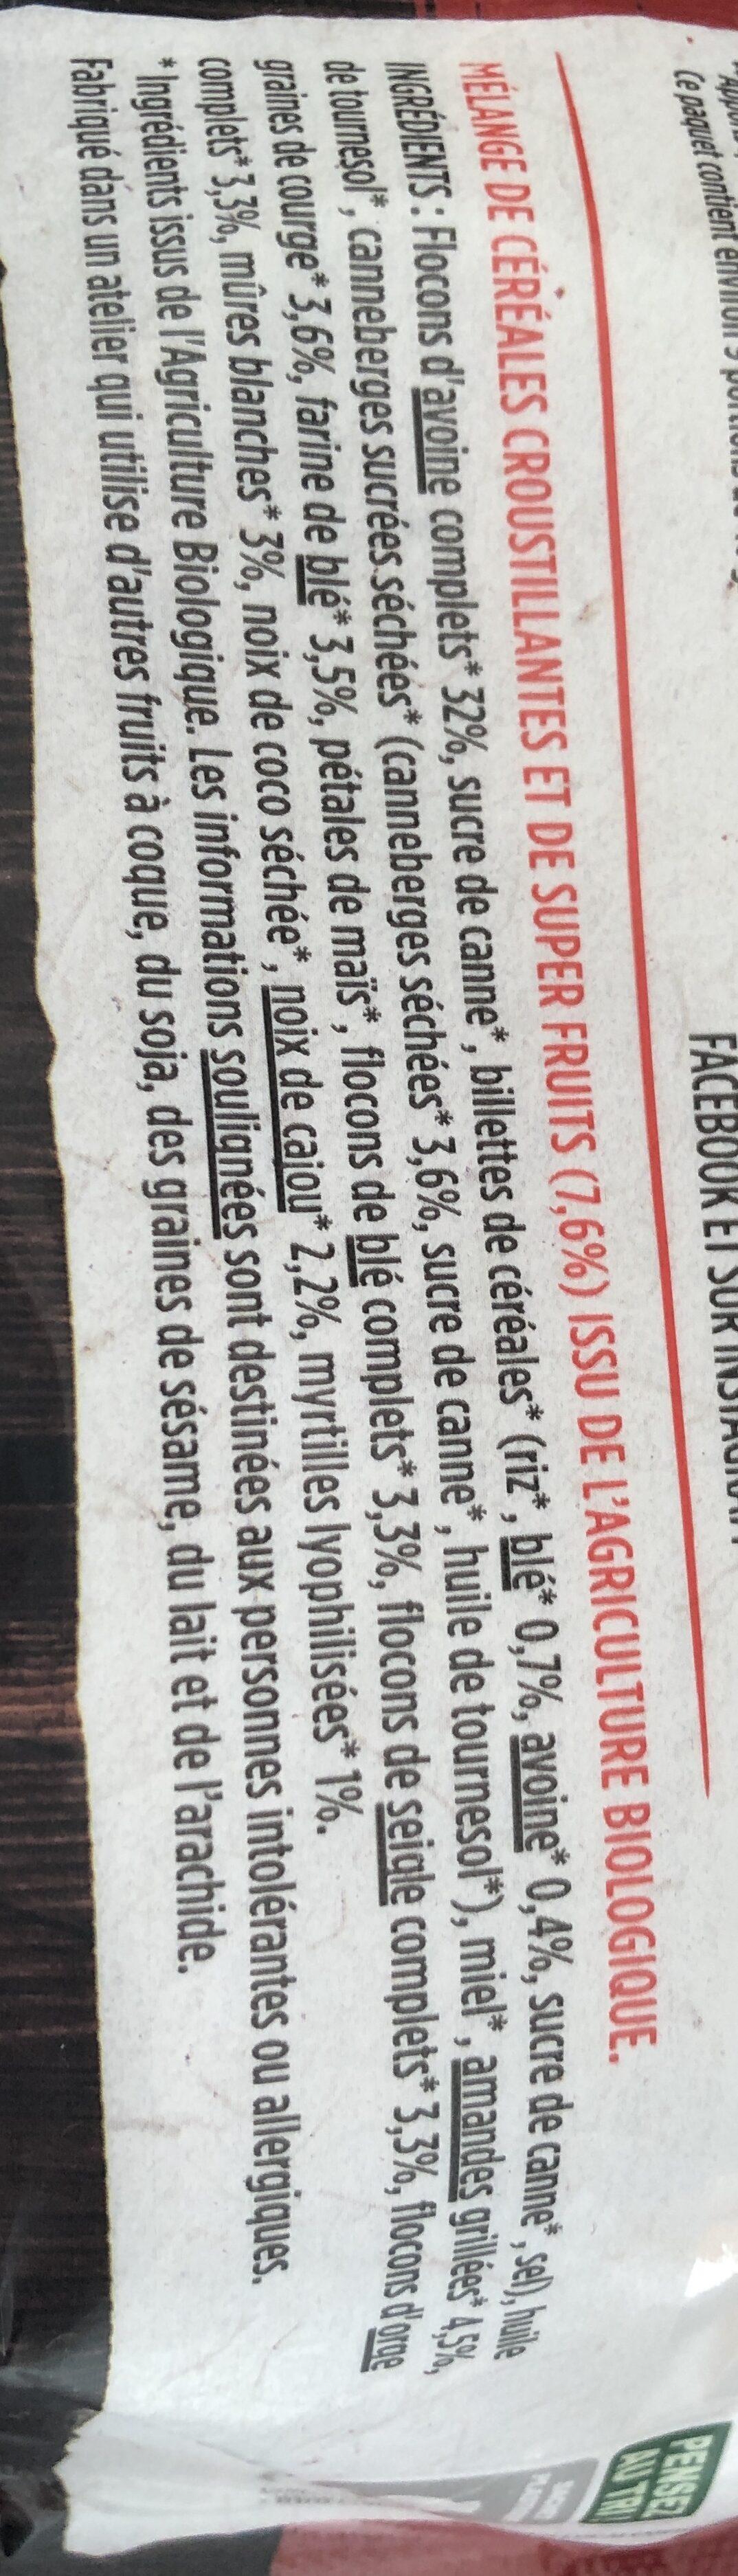 Le croustillant super fruits - Ingrédients - fr